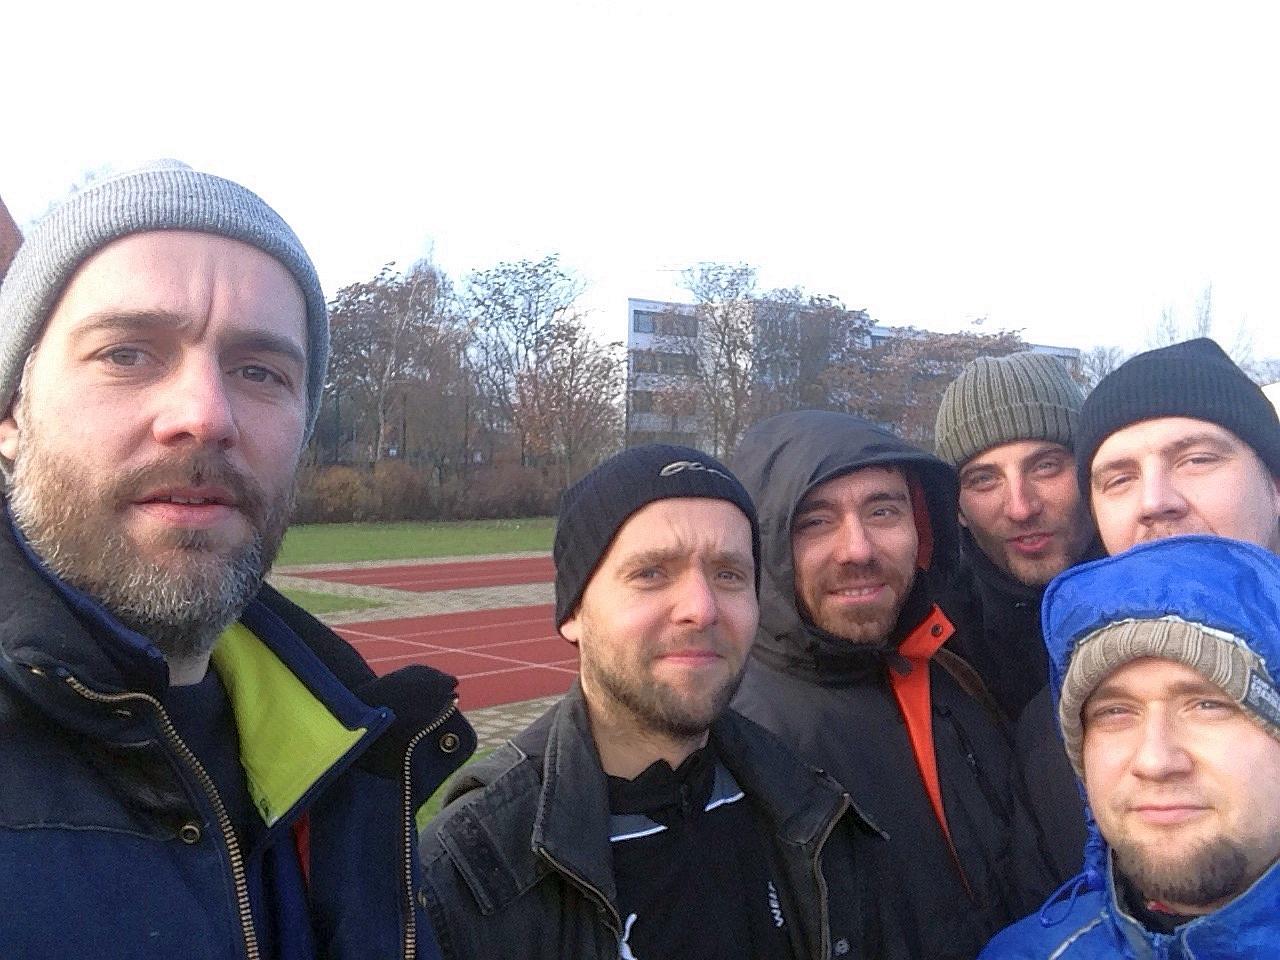 Alte Hooli-Fans mit Bartwuchs gegen Islamisierung der Polarkreises.